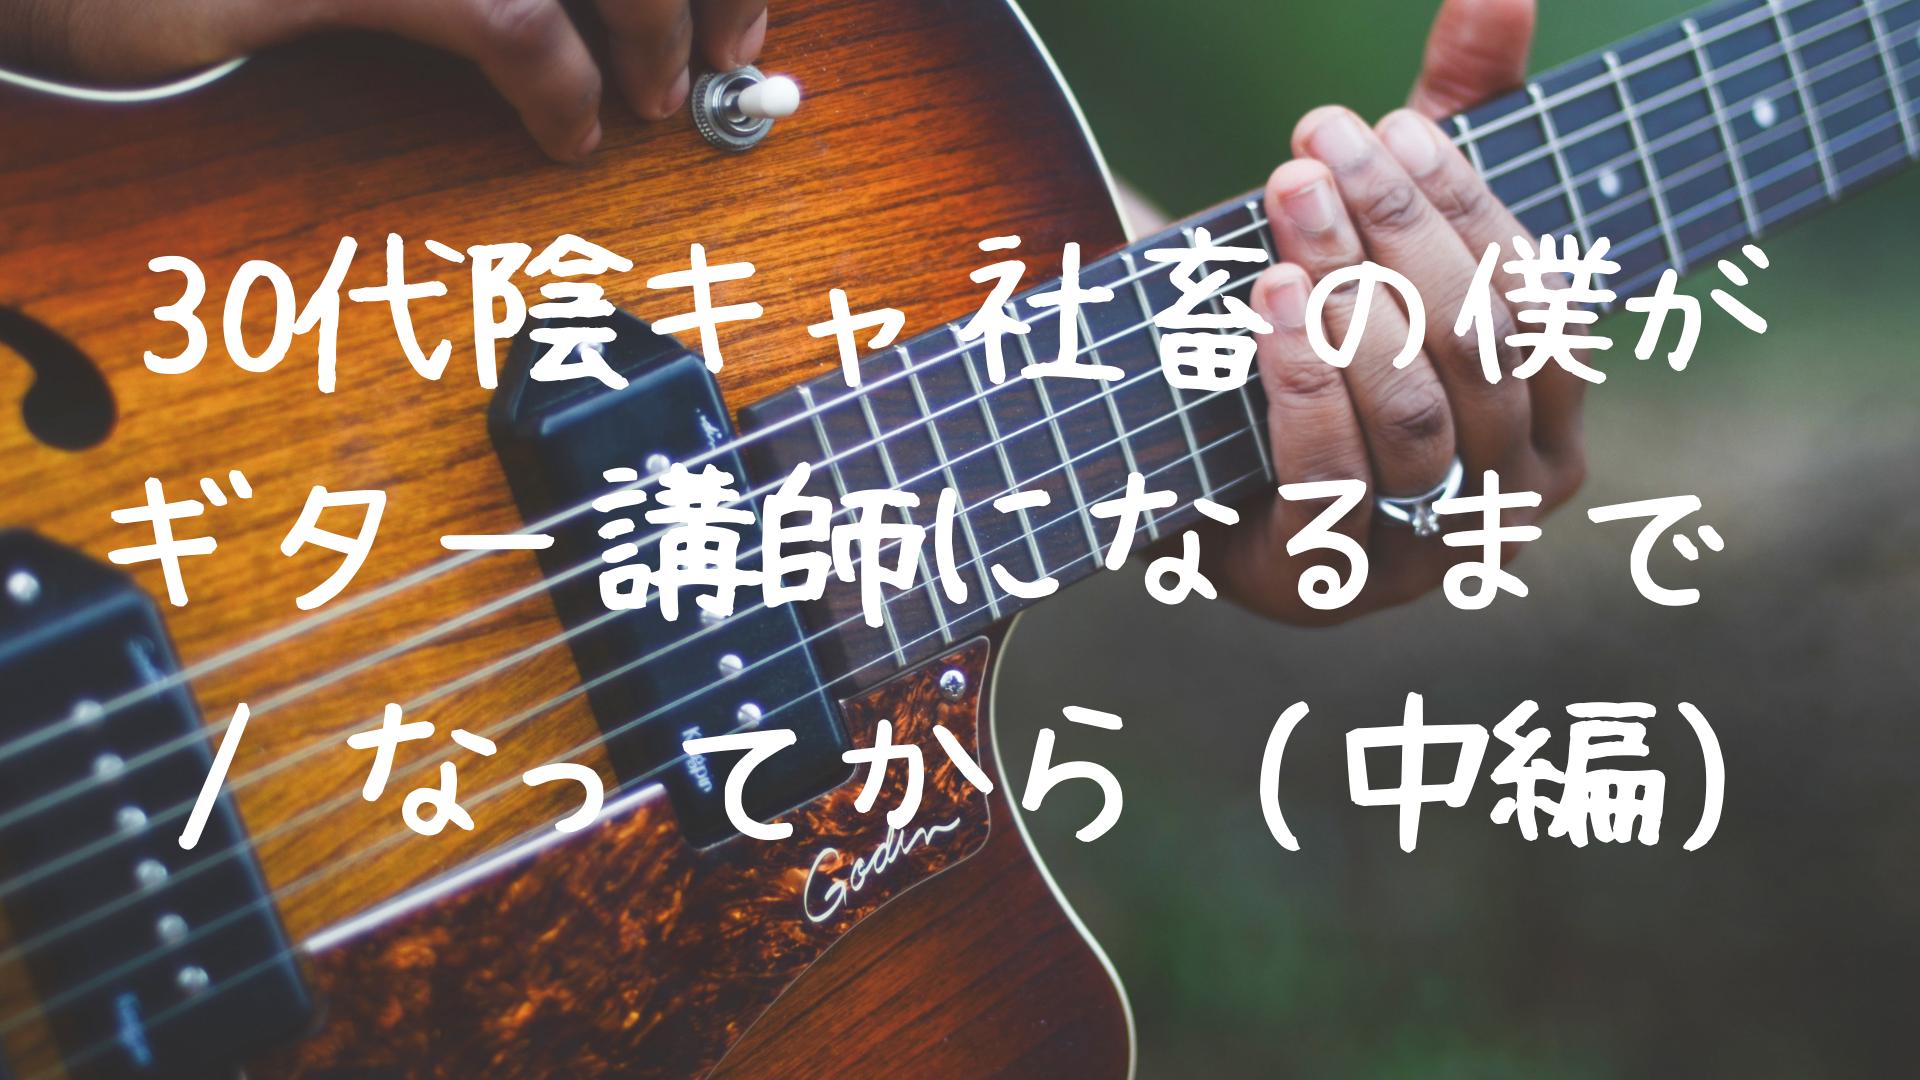 30代陰キャ社畜の僕がギター講師になるまで / なってから (中編)